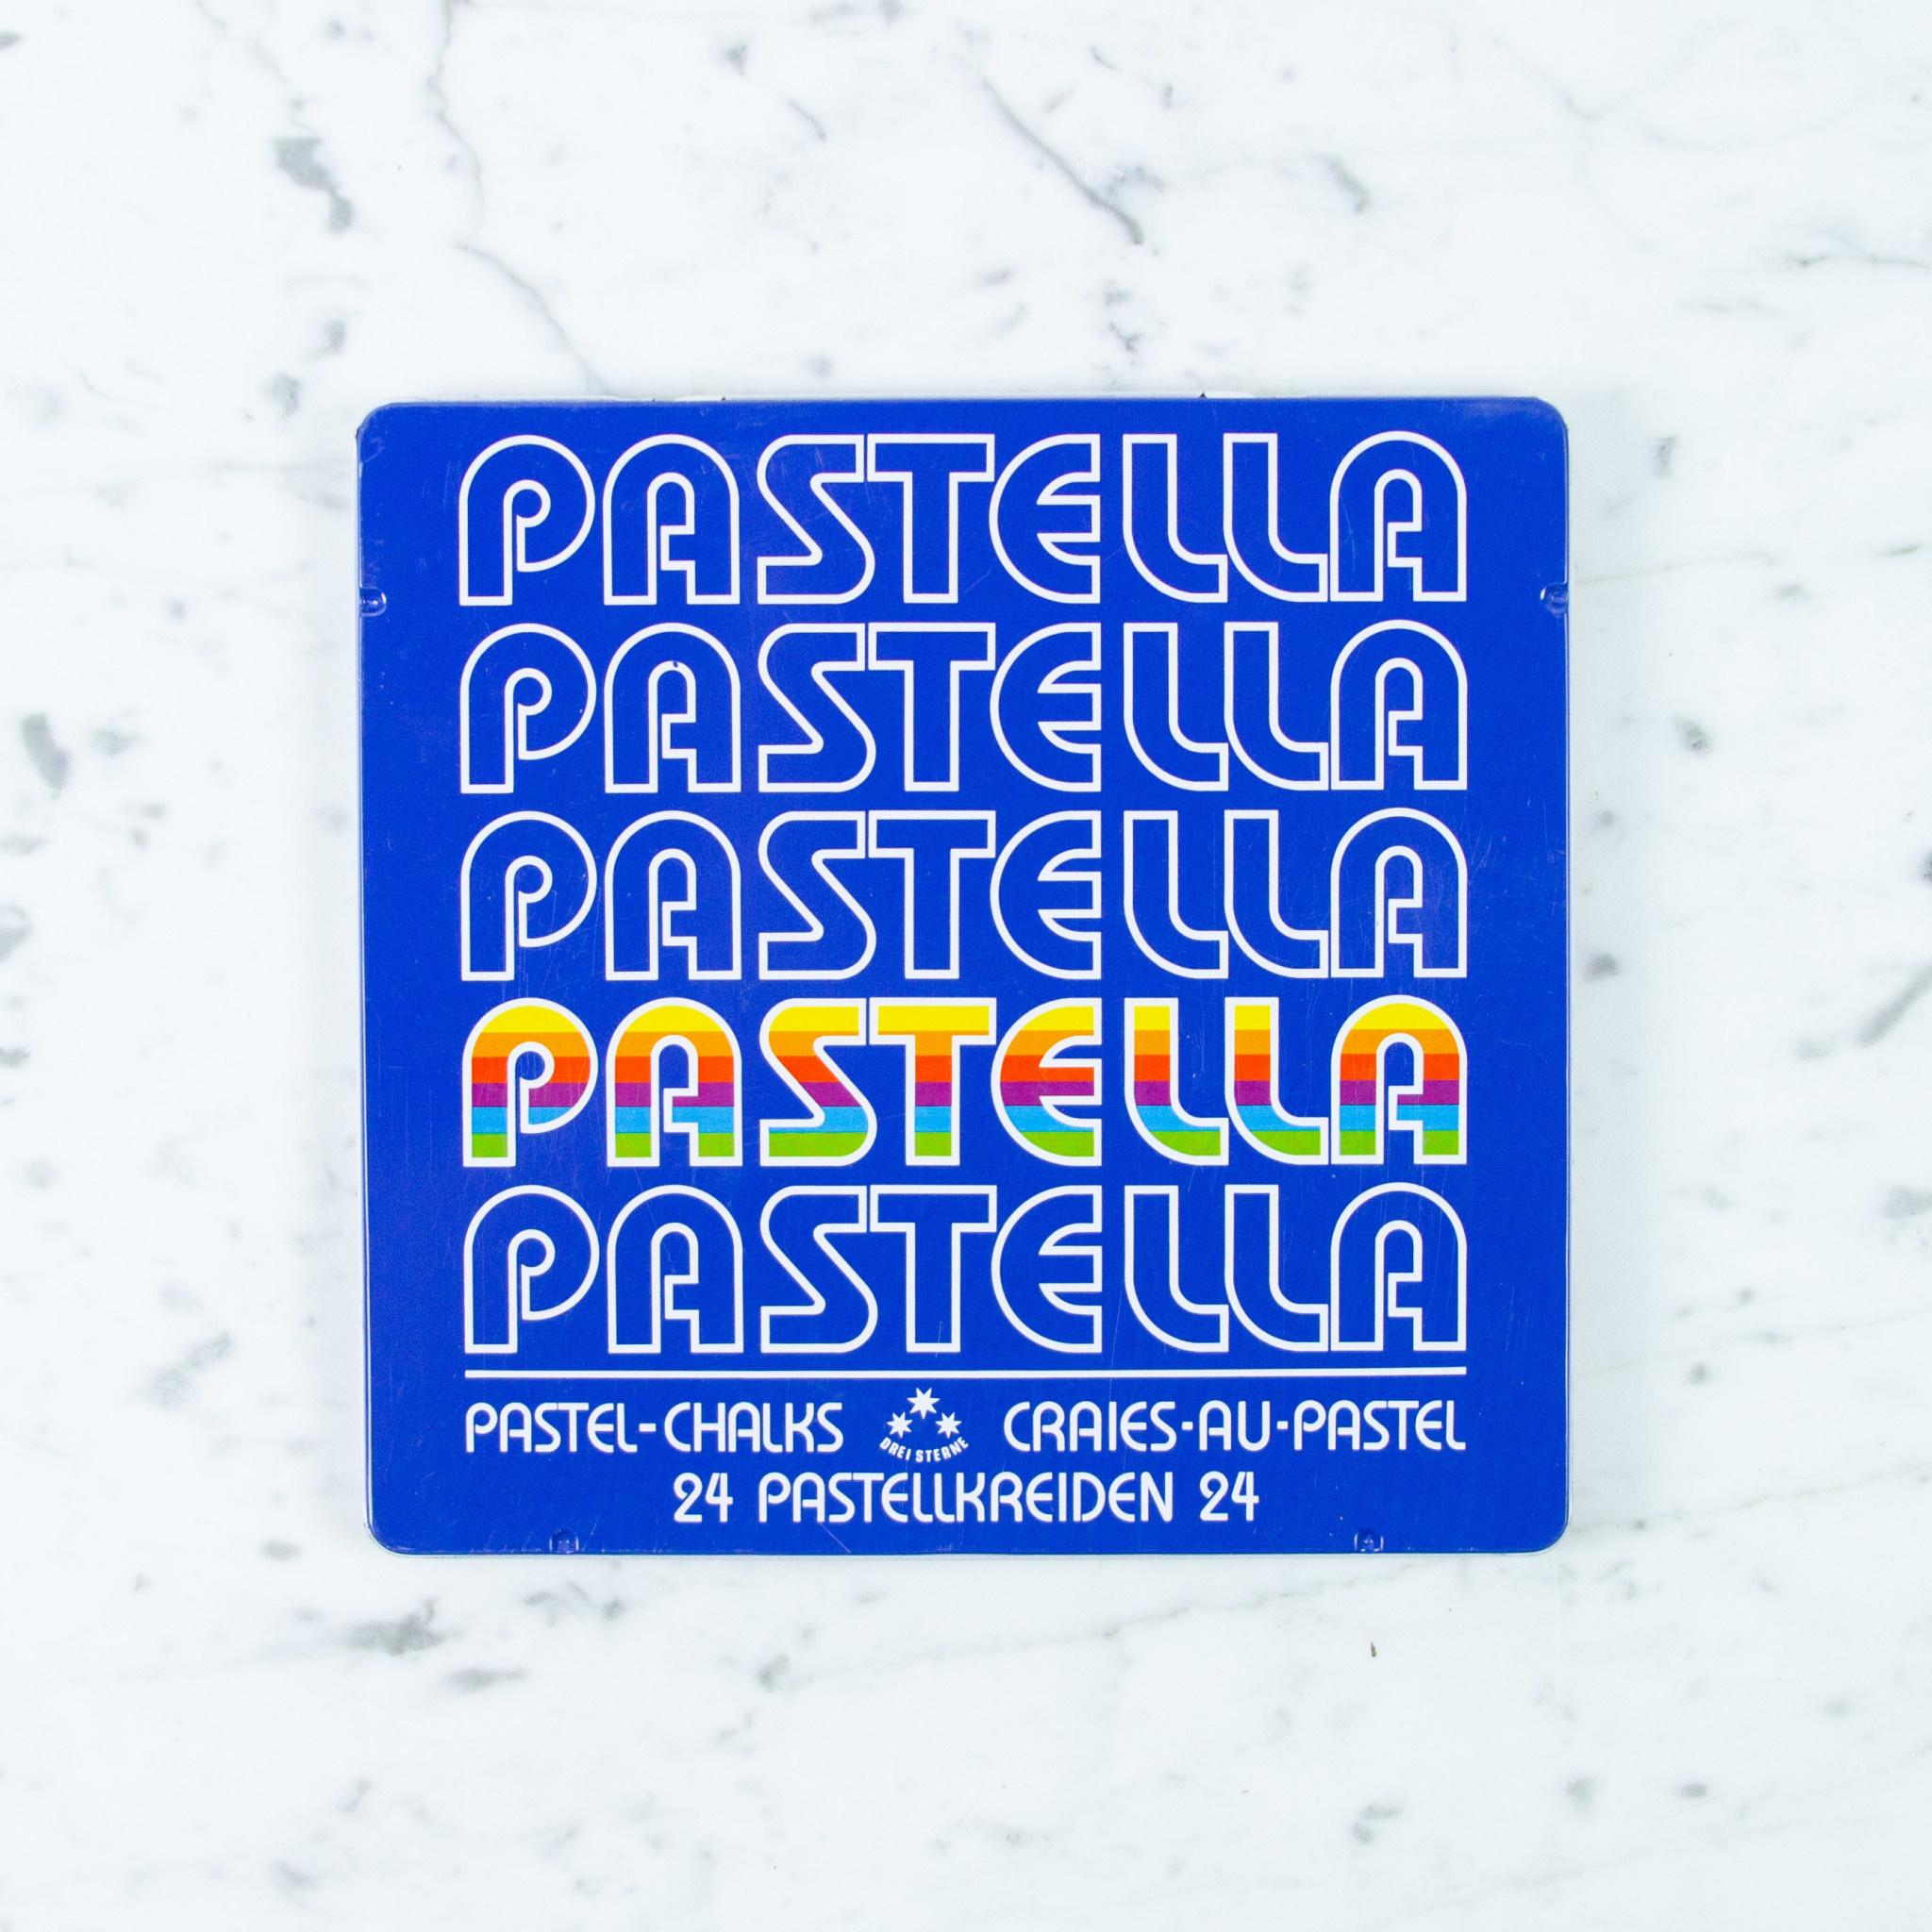 THREE STARS Pastella - Chalk Pastels - 24 Sticks In Box